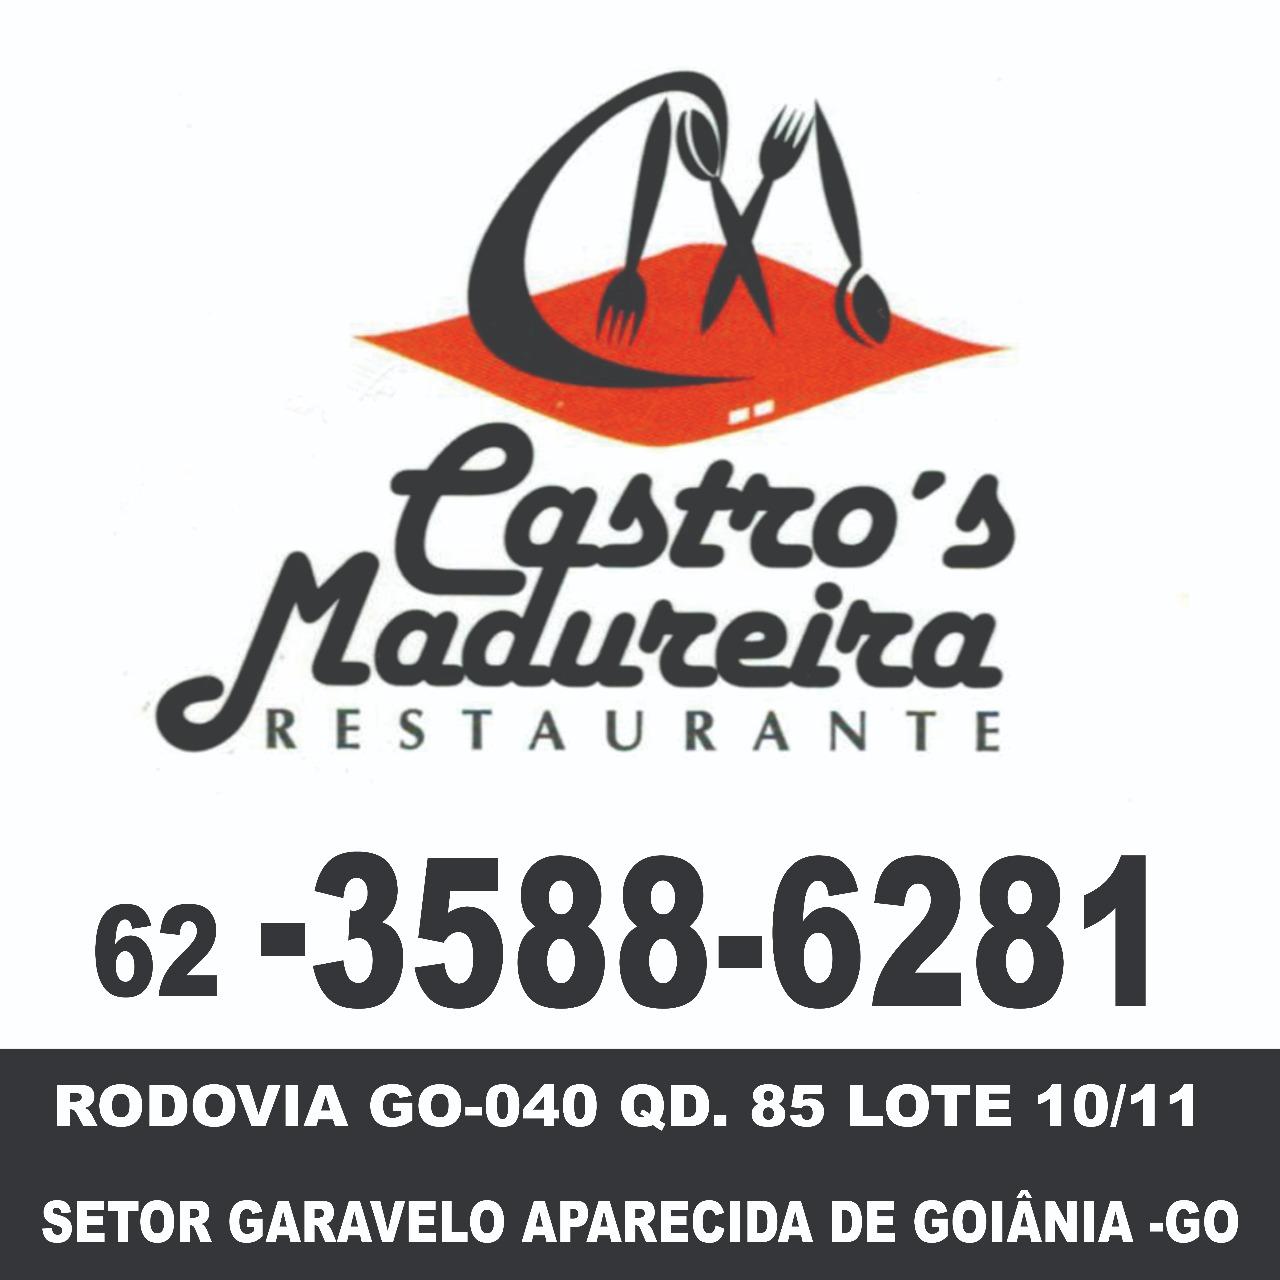 CASTRO MADUREIRA RESTAURANTES-3588-6281